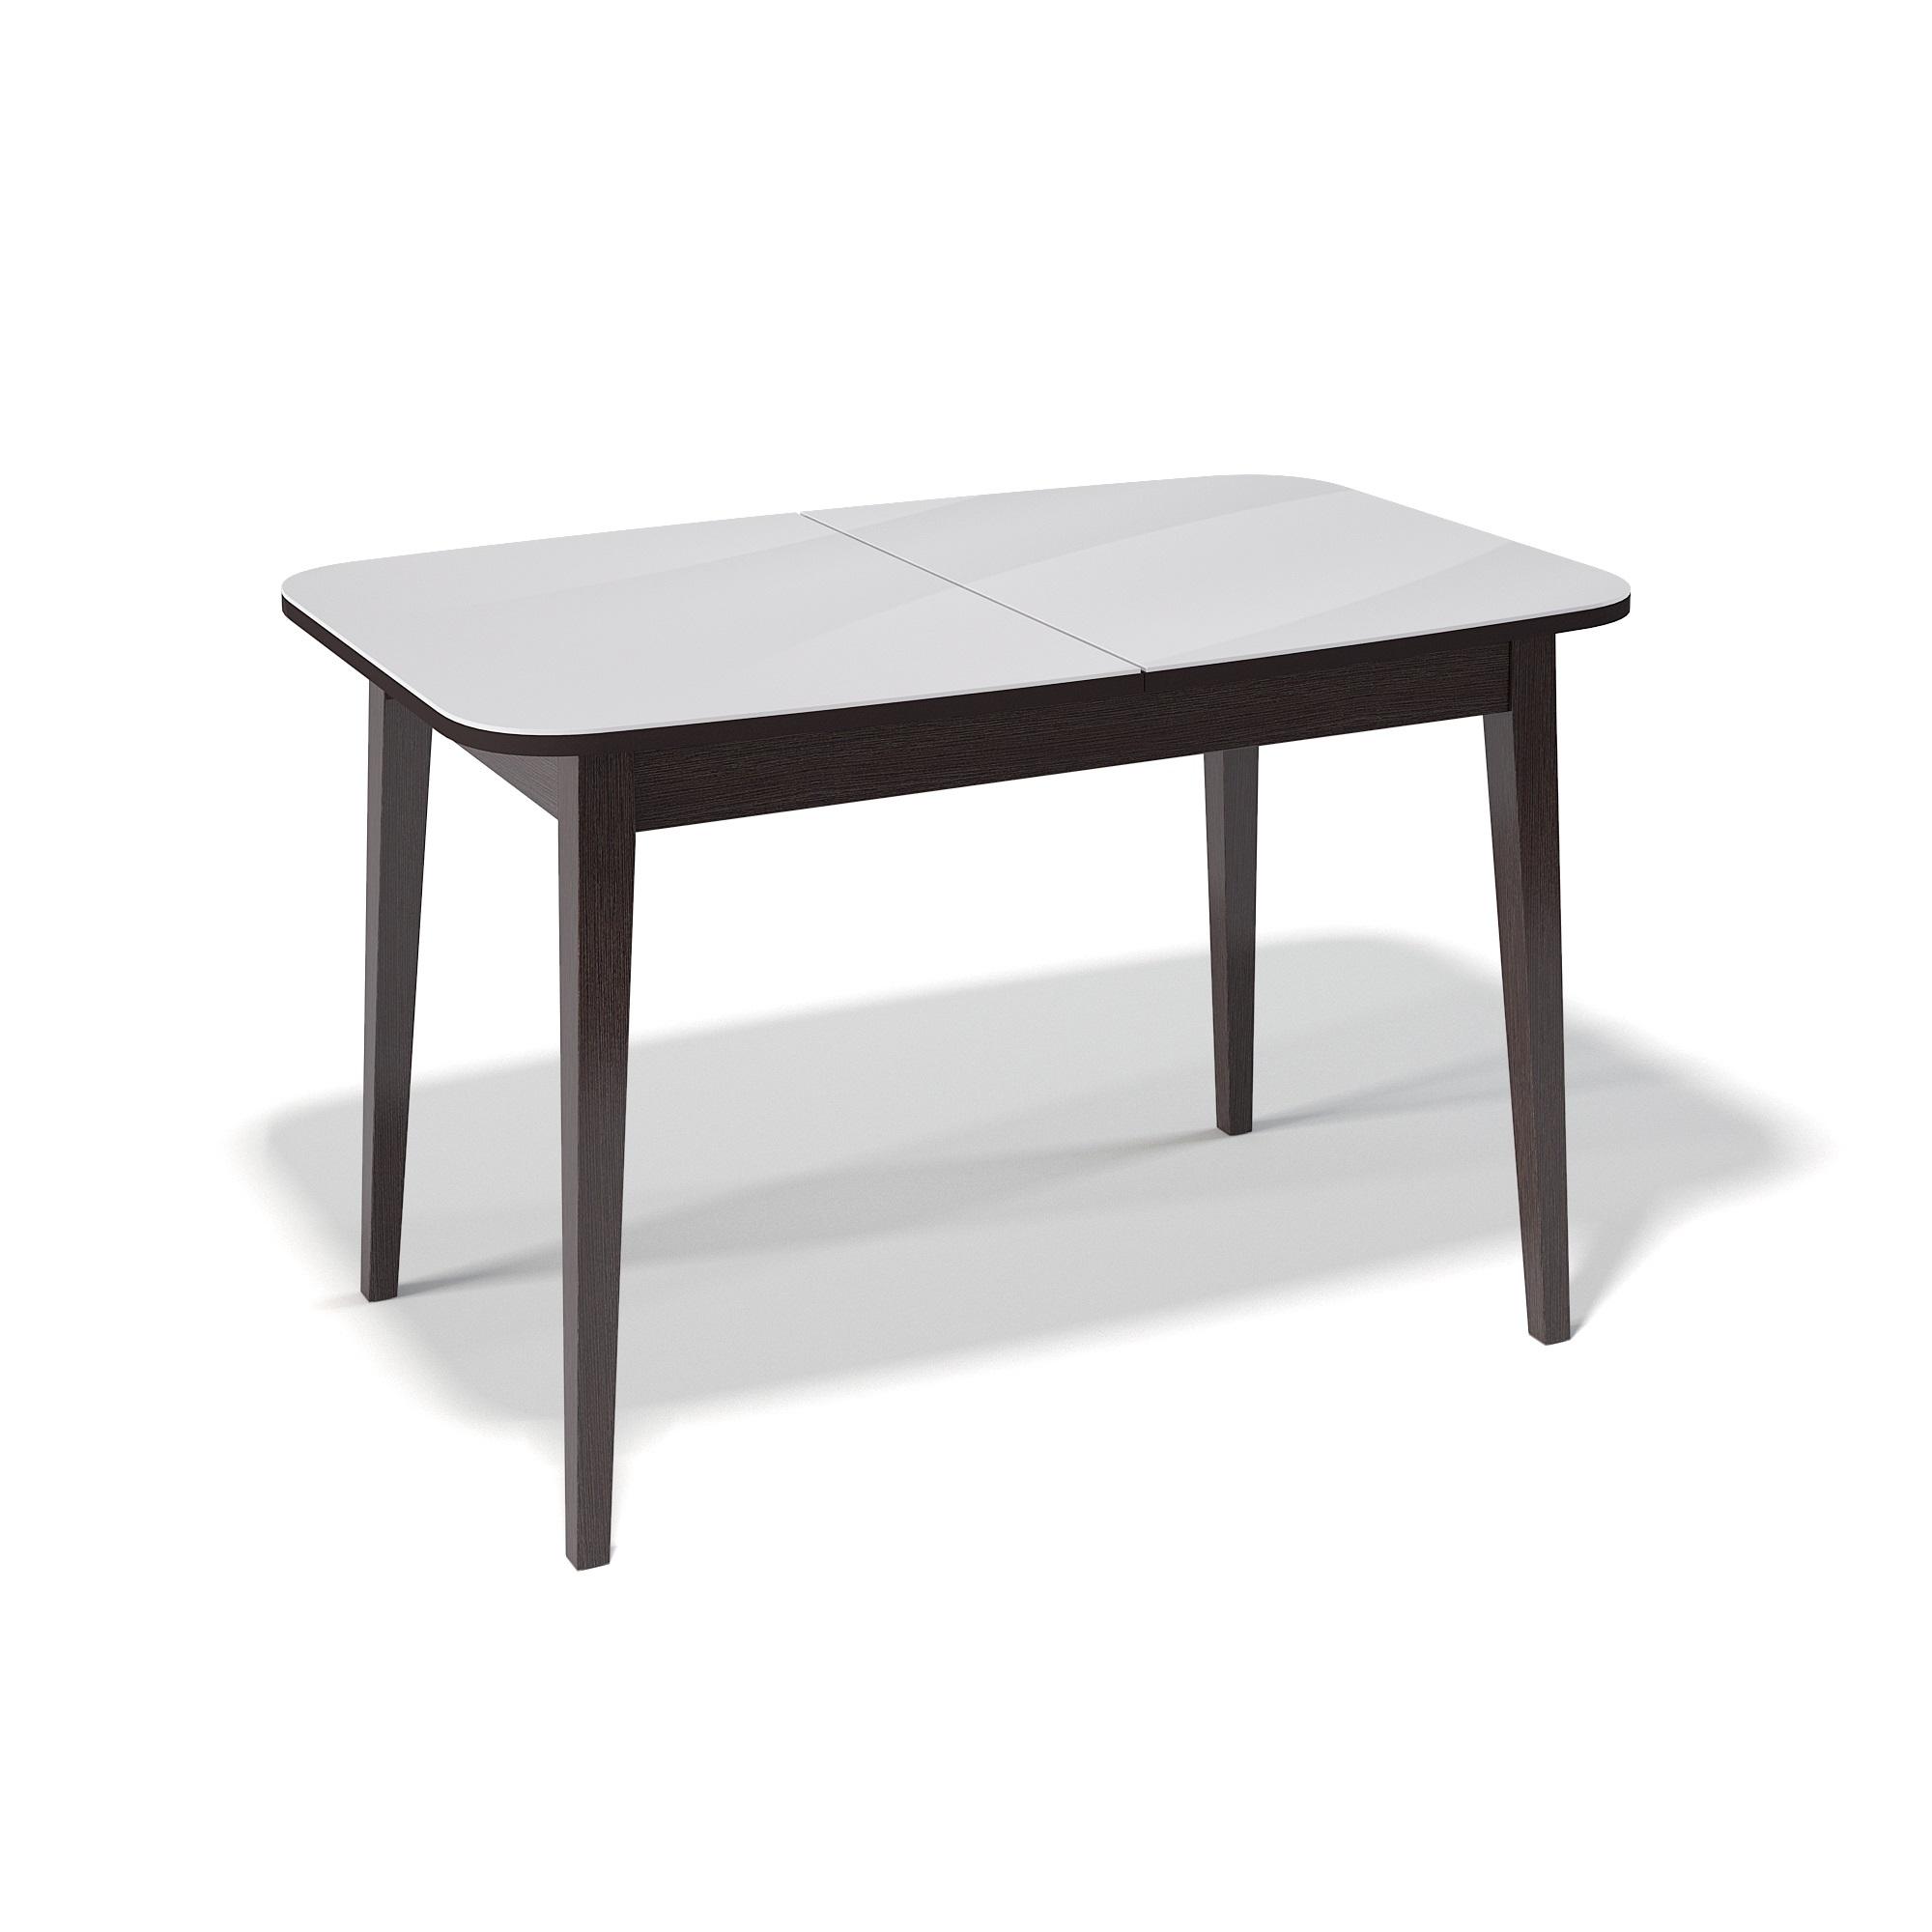 Стол обеденный KennerОбеденные столы<br>Ножки стола выполнены из массива бука, столешница - ДСП+стекло 4мм.&amp;amp;nbsp;&amp;lt;div&amp;gt;Механизм раскладки: синхронный, легкого скольжения.&amp;amp;nbsp;&amp;lt;/div&amp;gt;&amp;lt;div&amp;gt;На ножках установлены регулировочные винты.&amp;amp;nbsp;&amp;lt;/div&amp;gt;&amp;lt;div&amp;gt;Фурнитура в комплекте.&amp;lt;/div&amp;gt;&amp;lt;div&amp;gt;Стол раскладной,вставка &amp;quot;бабочка&amp;quot; со стеклом.&amp;amp;nbsp;&amp;lt;/div&amp;gt;&amp;lt;div&amp;gt;Размер столешницы в разложенном виде: 160х75 см. &amp;lt;/div&amp;gt;<br><br>Material: Дерево<br>Ширина см: 120.0<br>Высота см: 75.0<br>Глубина см: 80.0